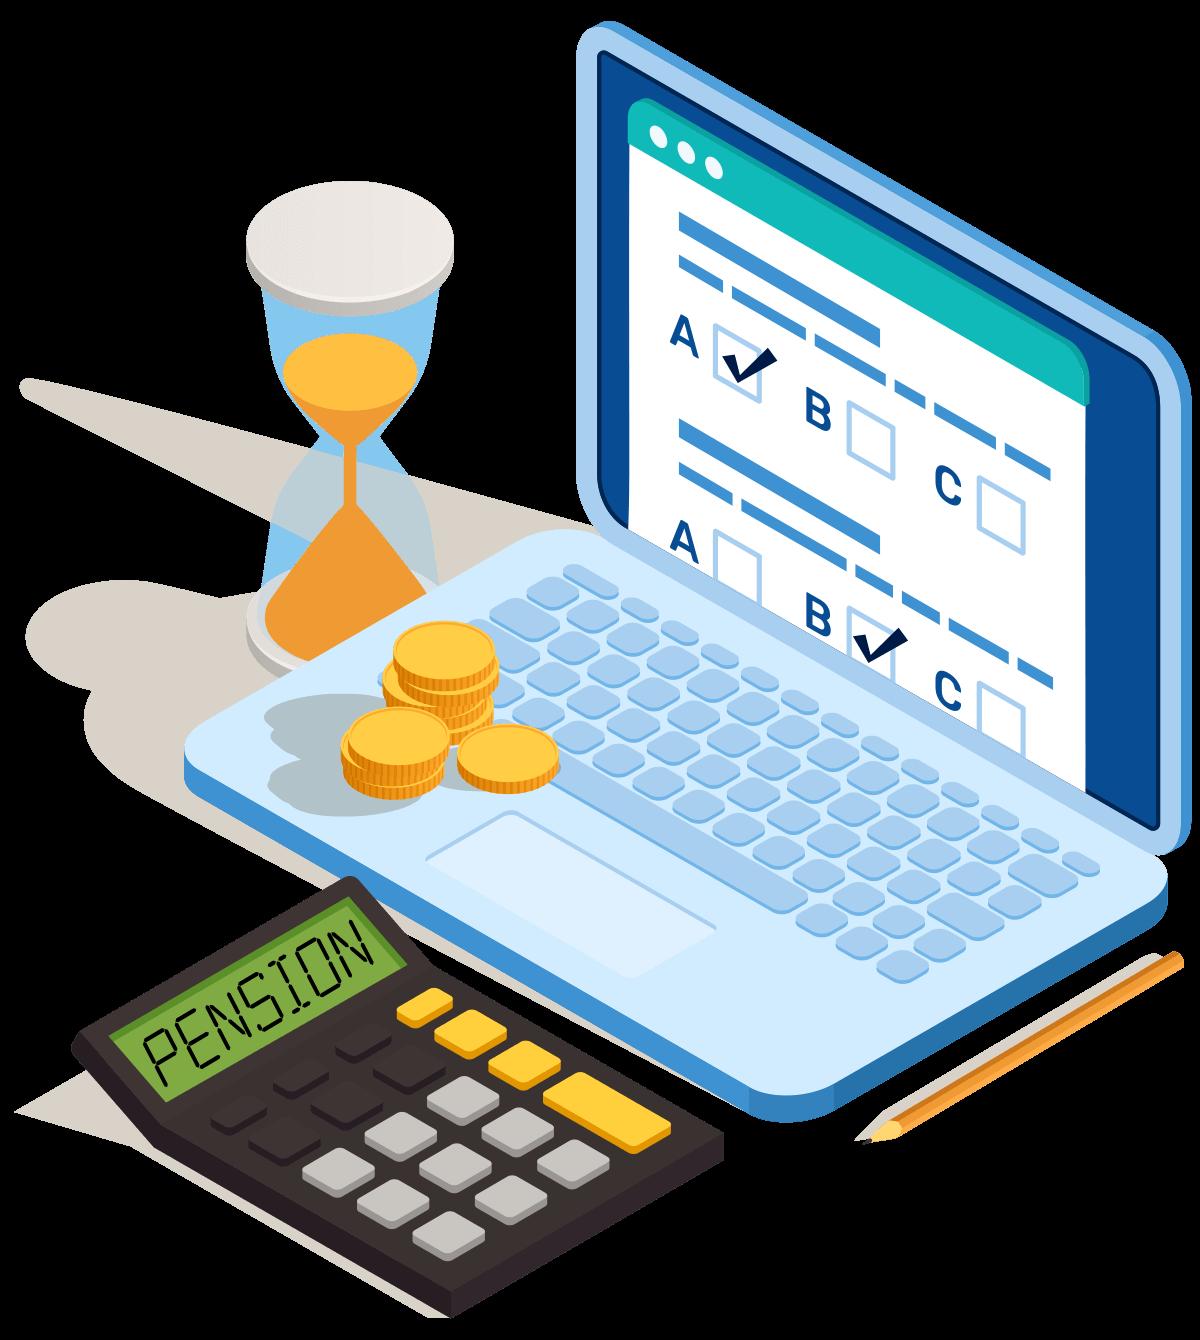 cálculo de pensiones programa autocalculo seguridad social software online asesor despacho profesional abogado